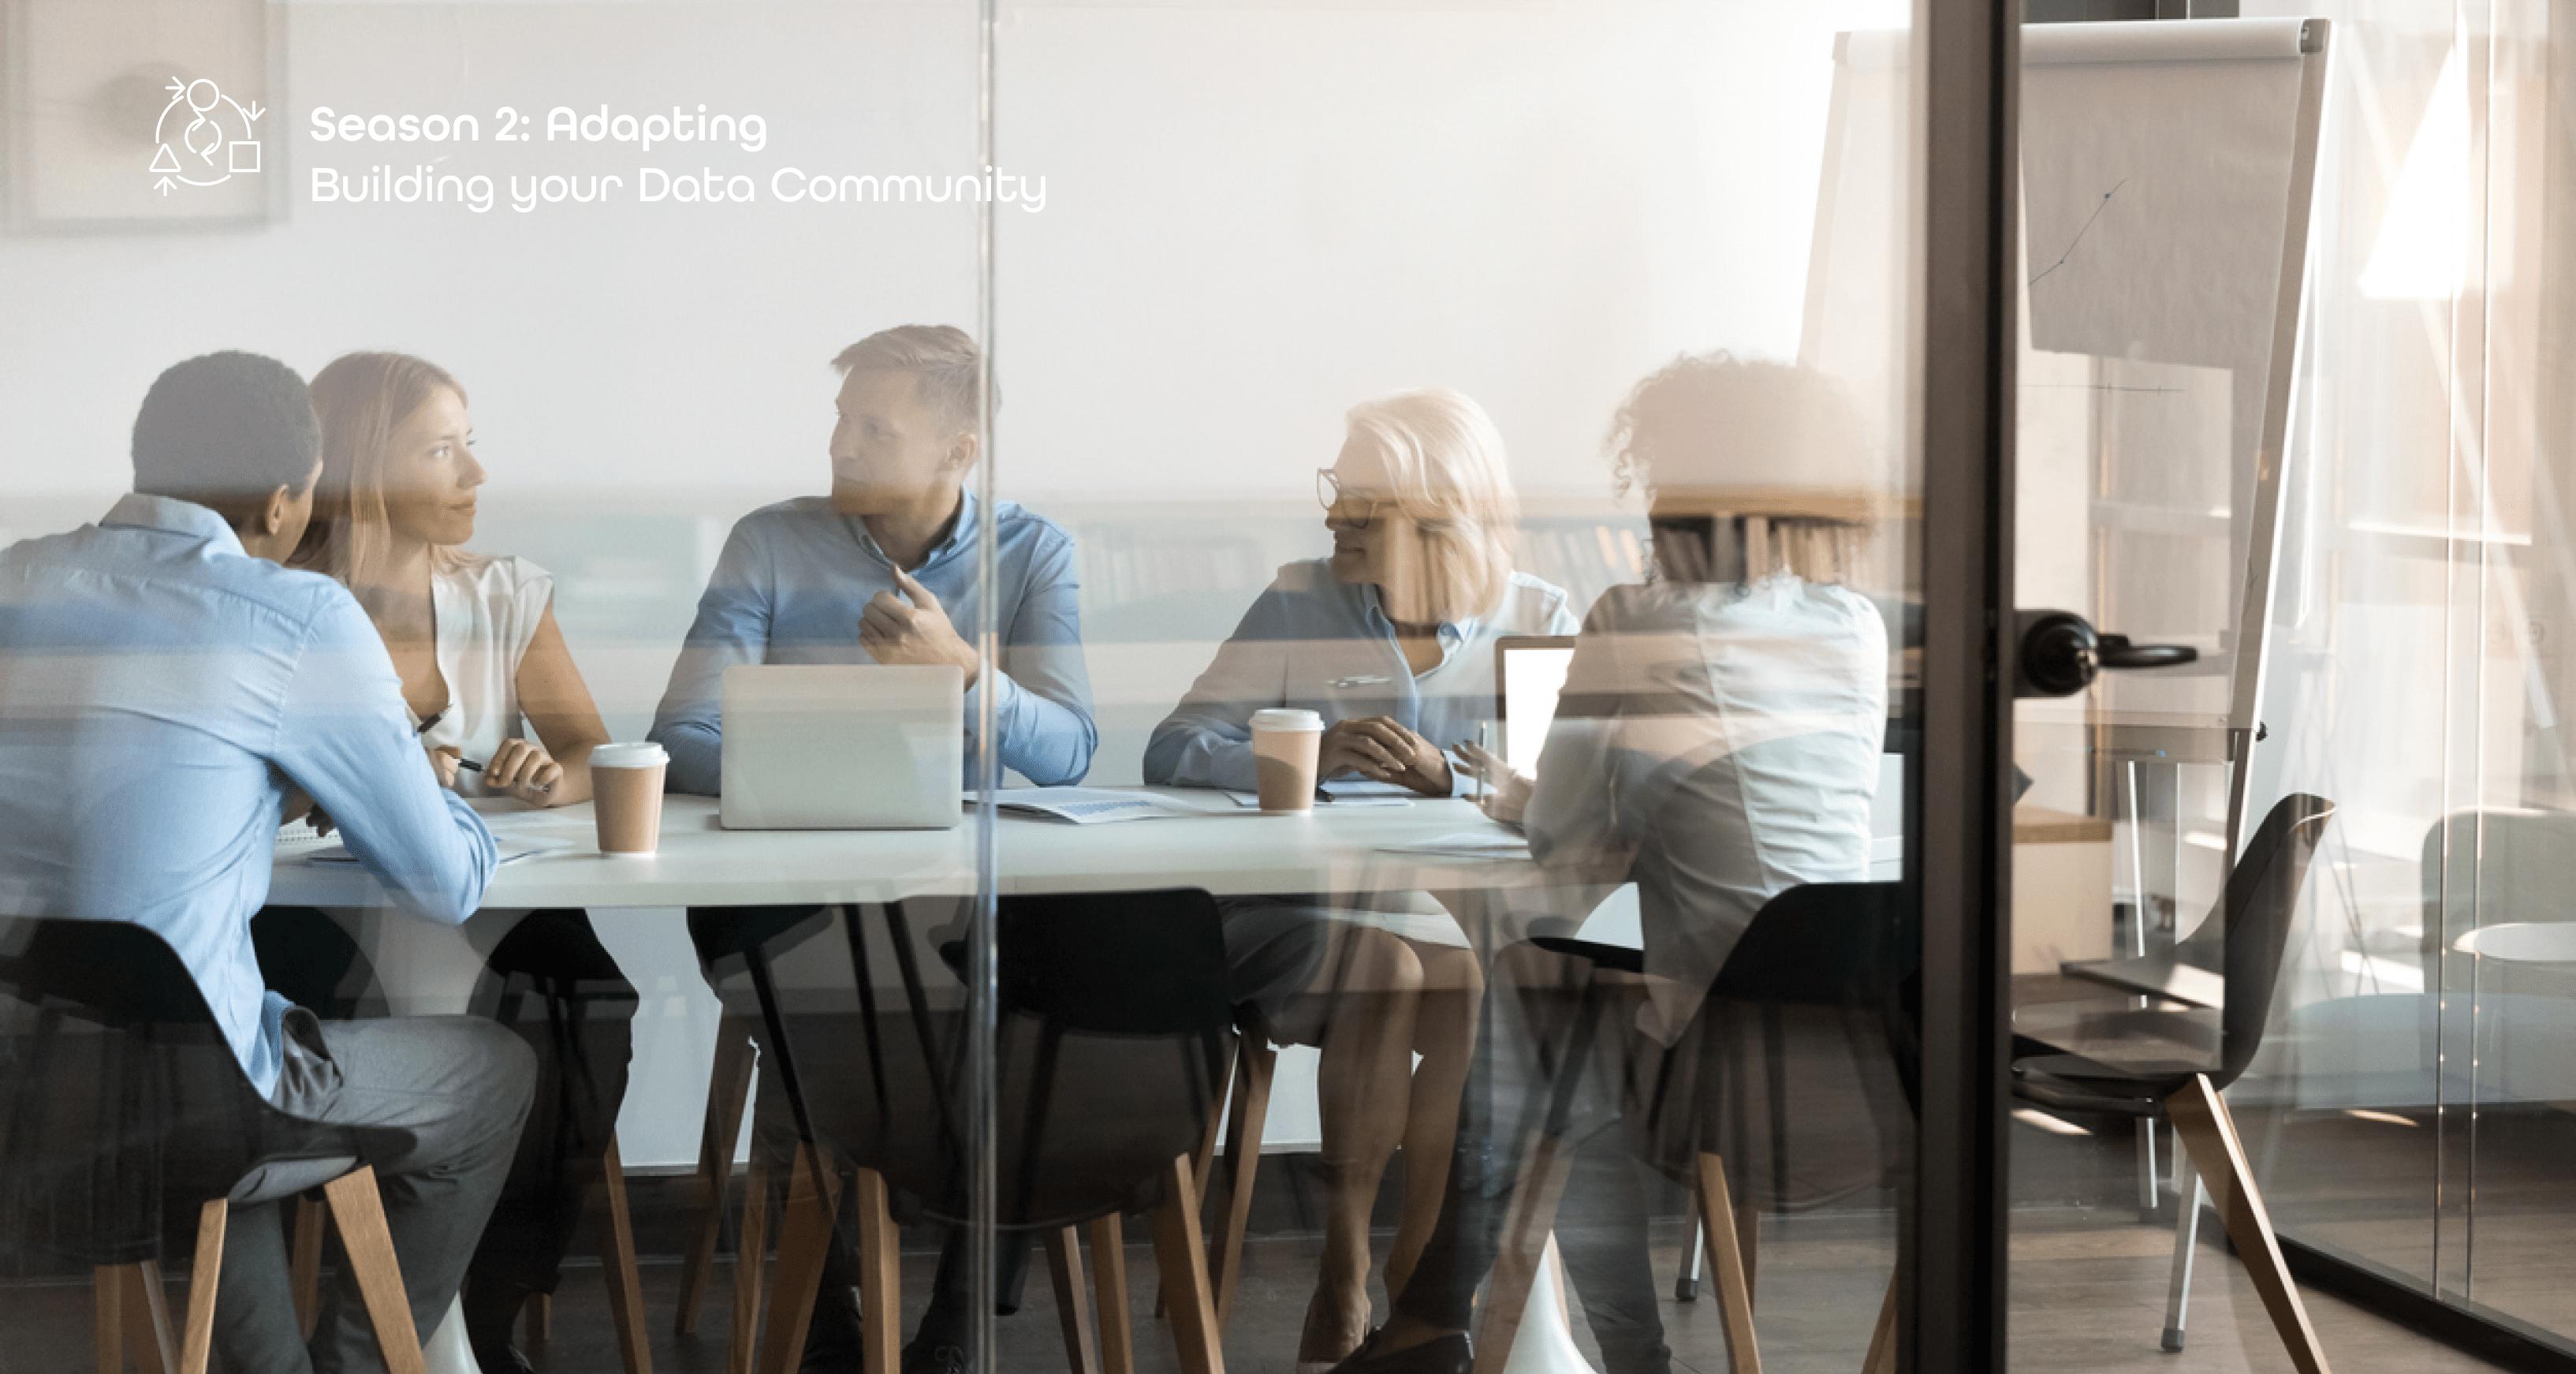 zeenea effective data governance framework episode 2 season 2